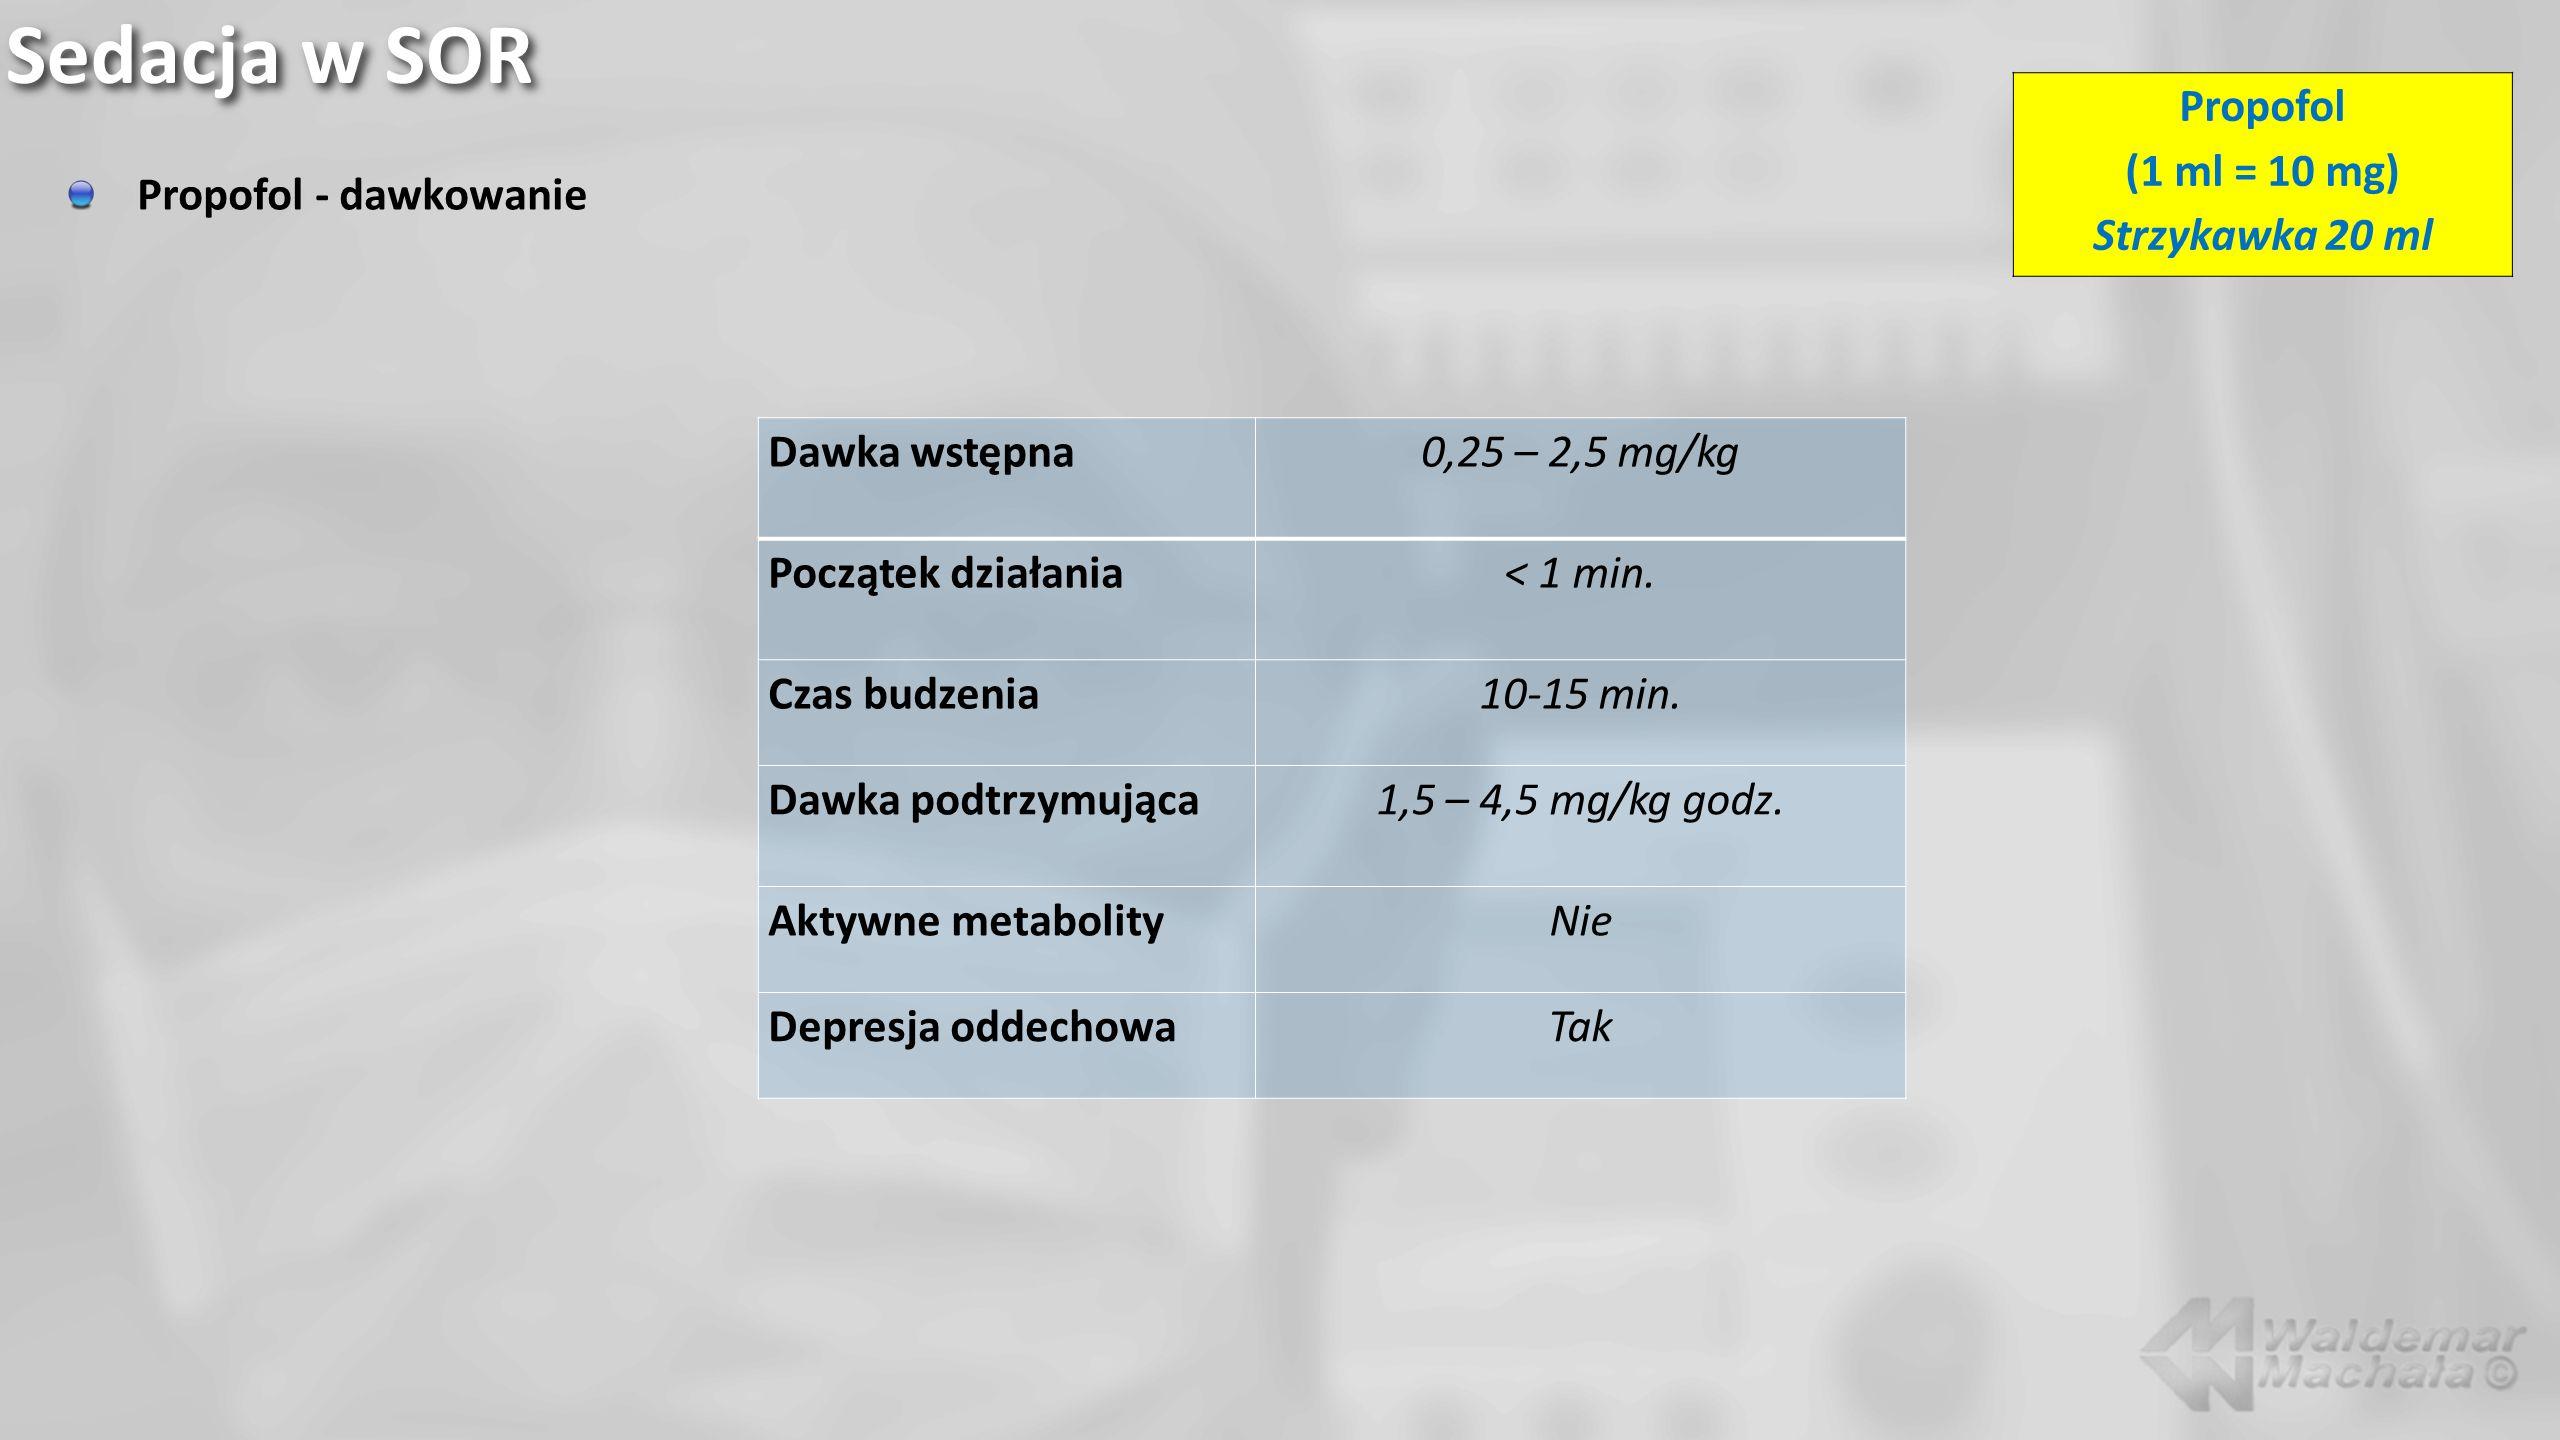 Sedacja w SOR Propofol (1 ml = 10 mg) Strzykawka 20 ml